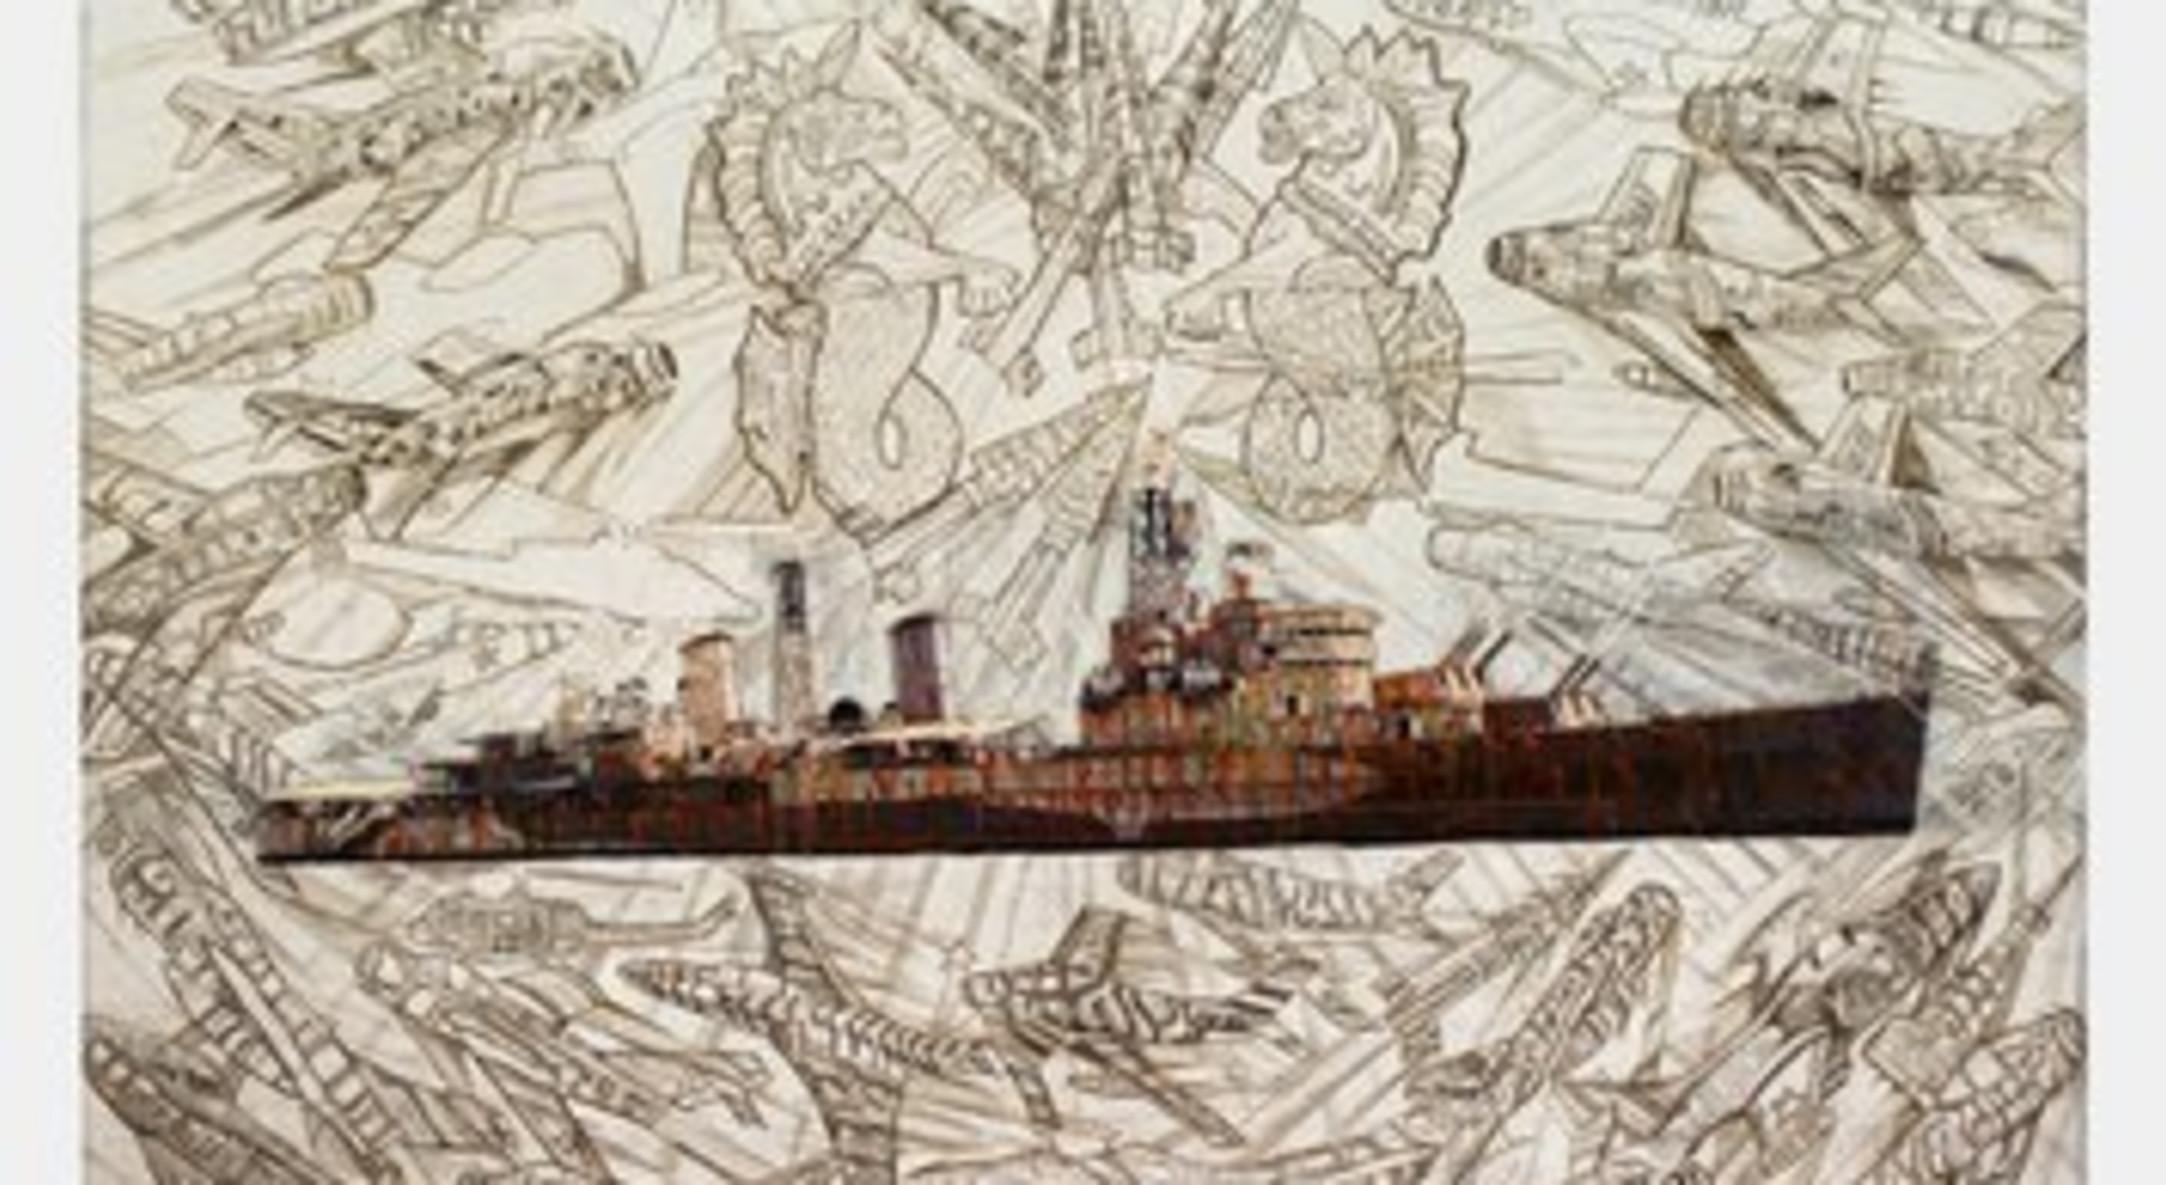 Hew Locke, HMS Belfast, 2012, painted photograph, Unframed: 127 x 188 cm, 50 x 74 1/8 in, Framed: 137.5 x 199 cm, 54 1/8 x 78 3/8 in